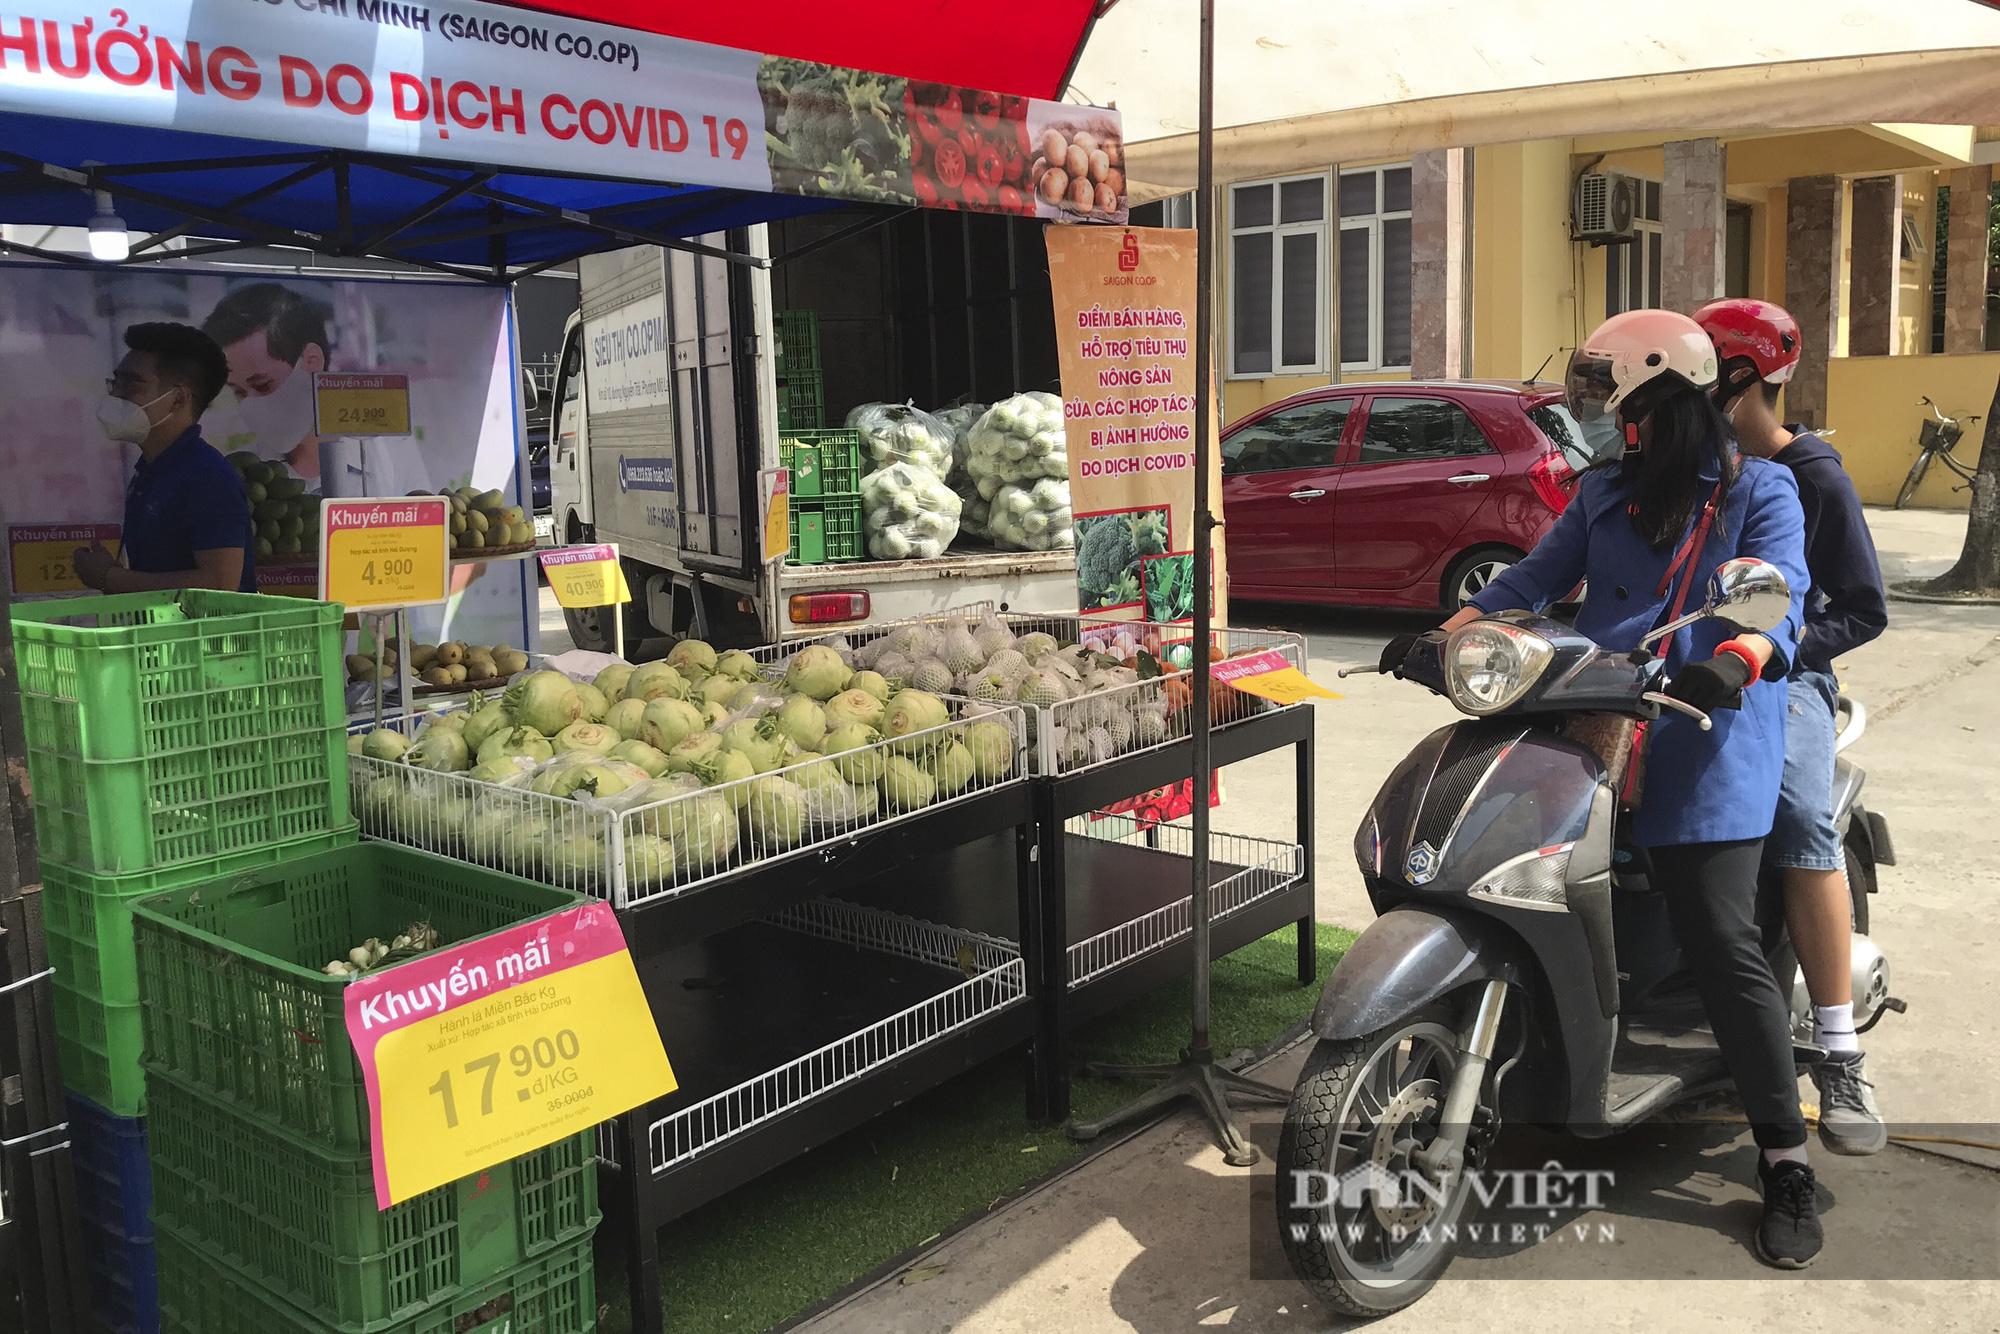 Nhiều hệ thống siêu thị Hà Nội bắt đầu bán nông sản Hải Dương - Ảnh 11.